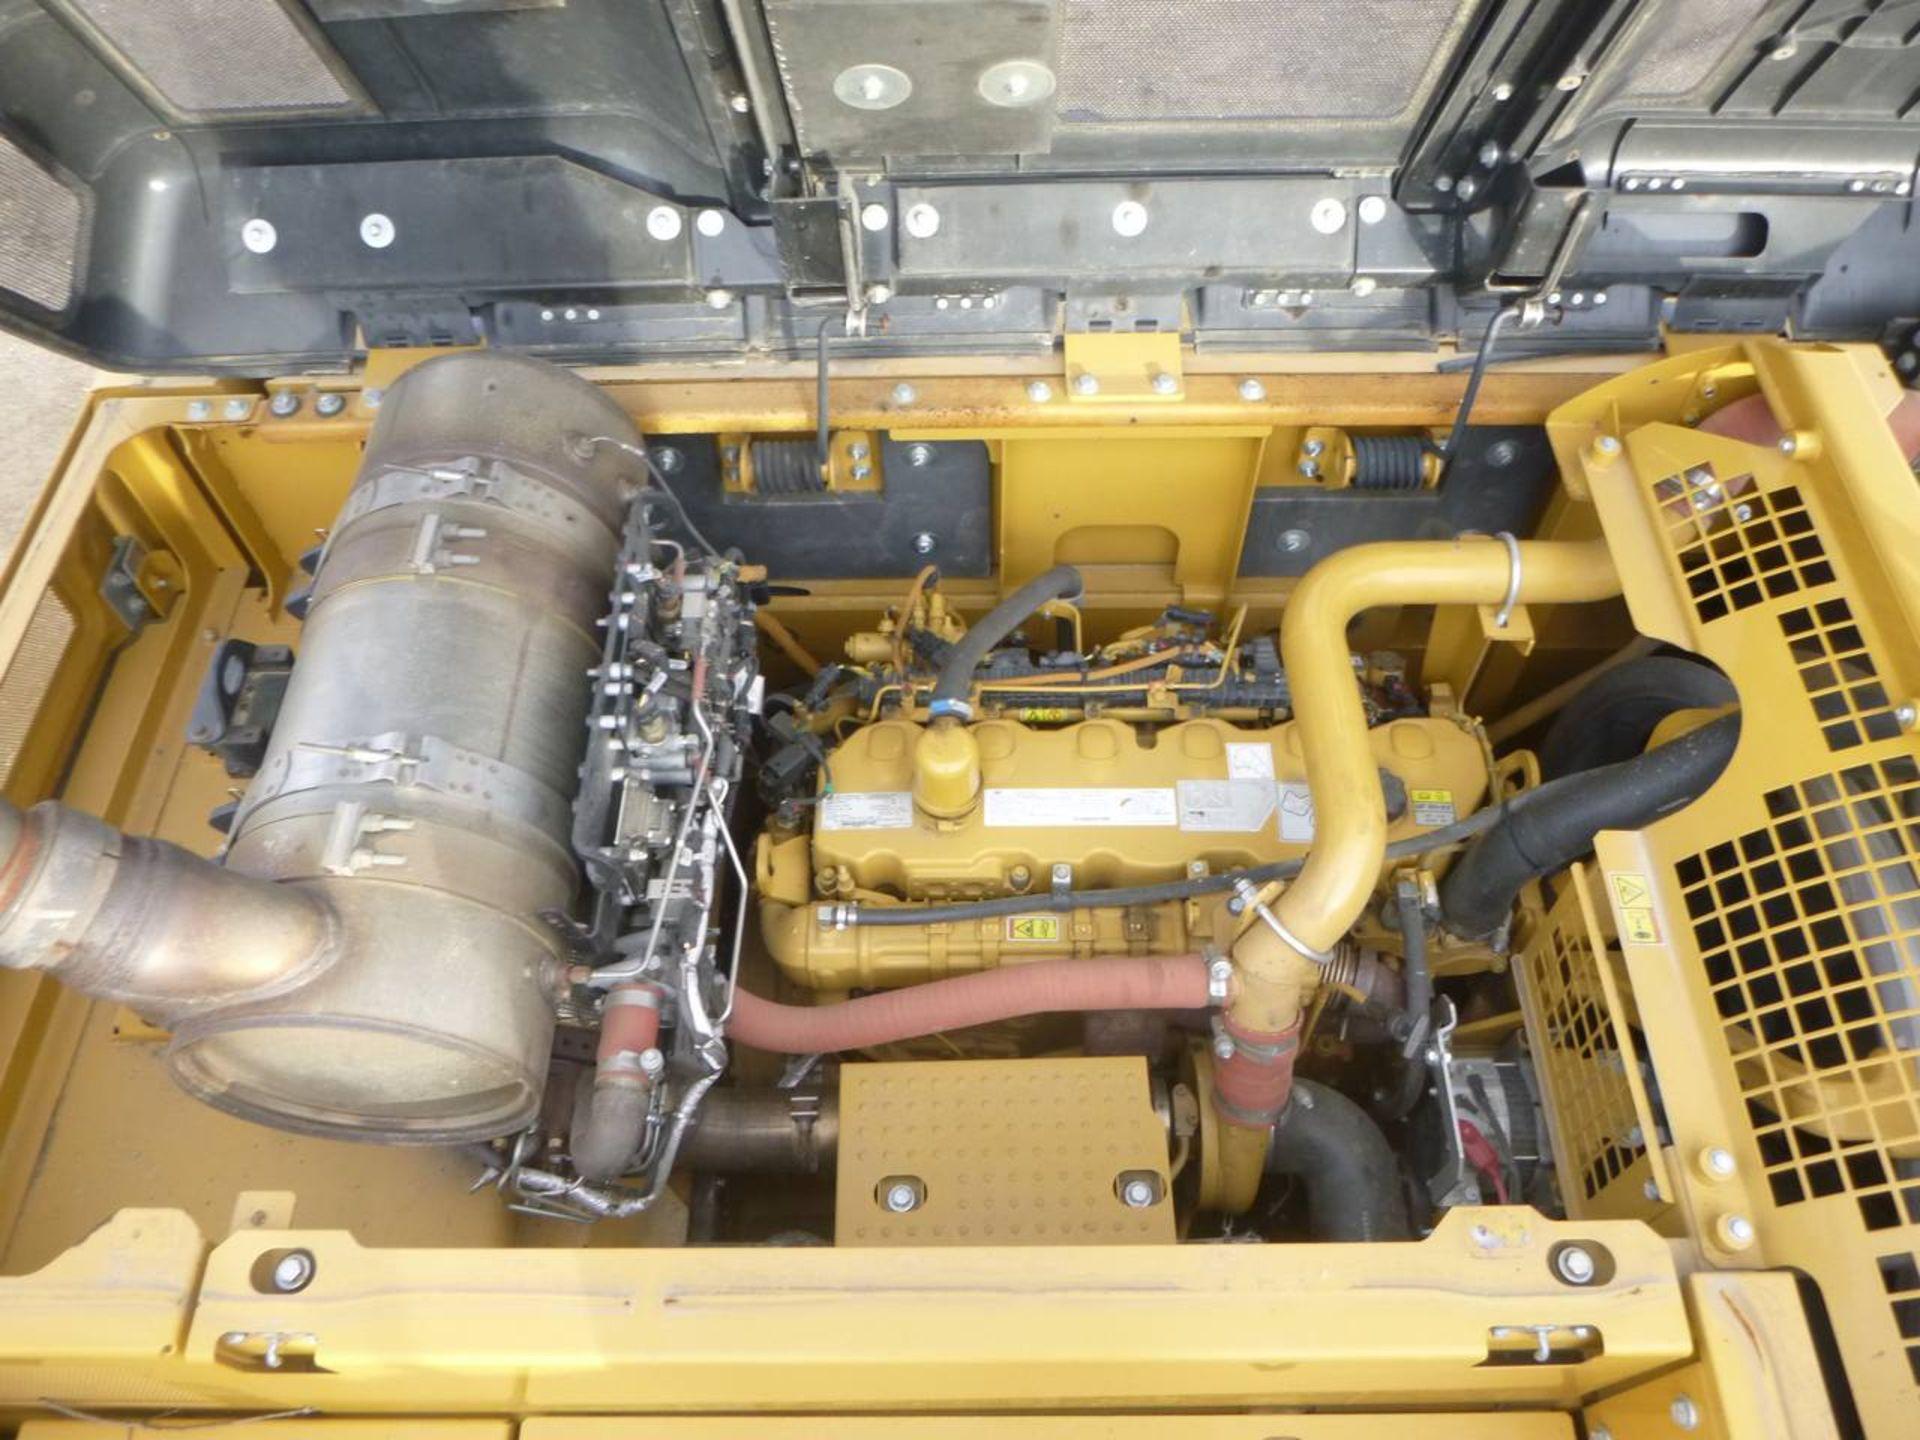 2013 Caterpillar 336ELH Excavator - Image 10 of 11